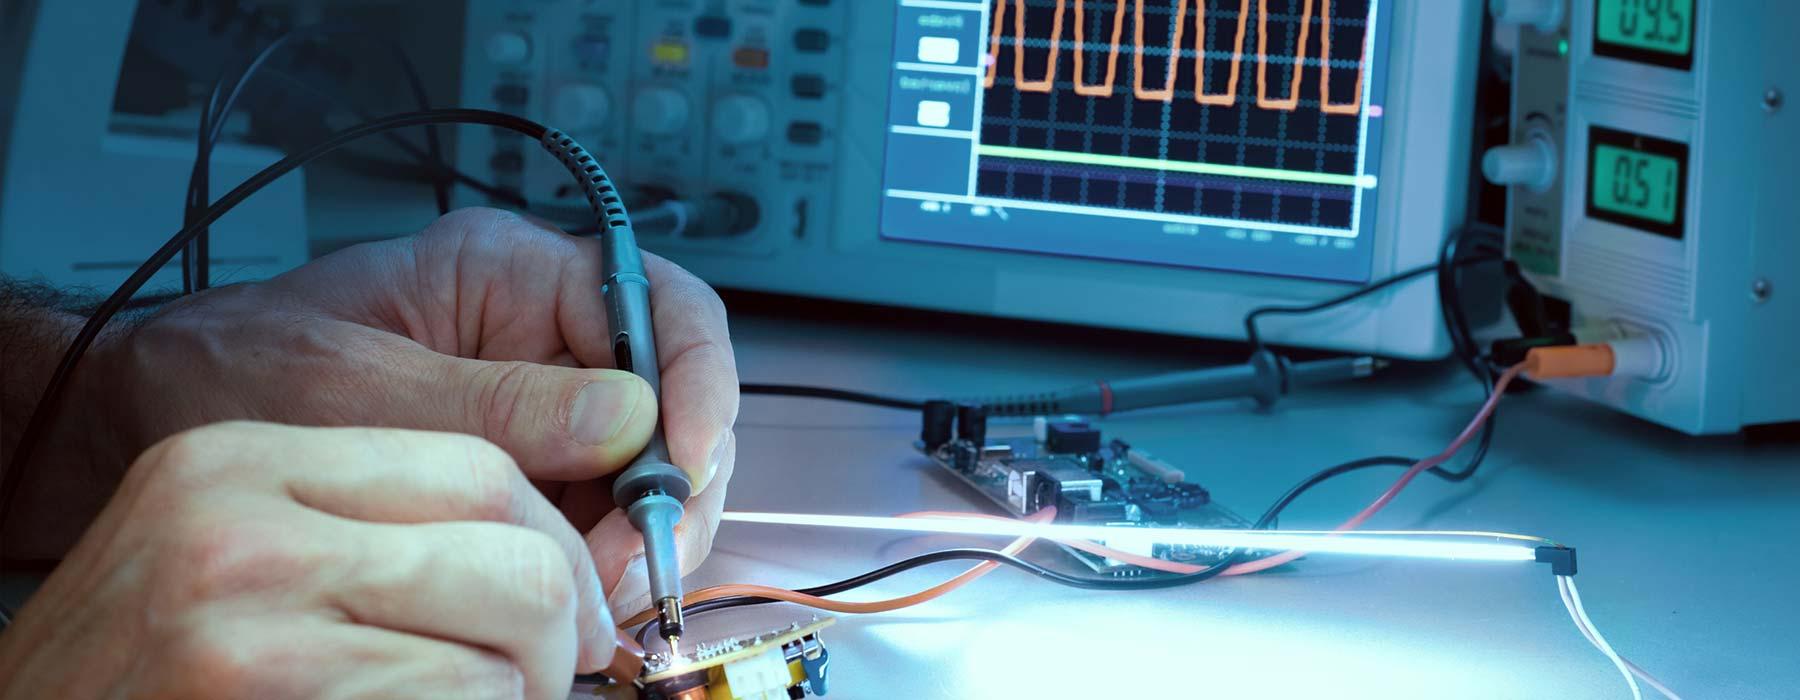 EC2I | consultant en électricité à Bagnolet (93)